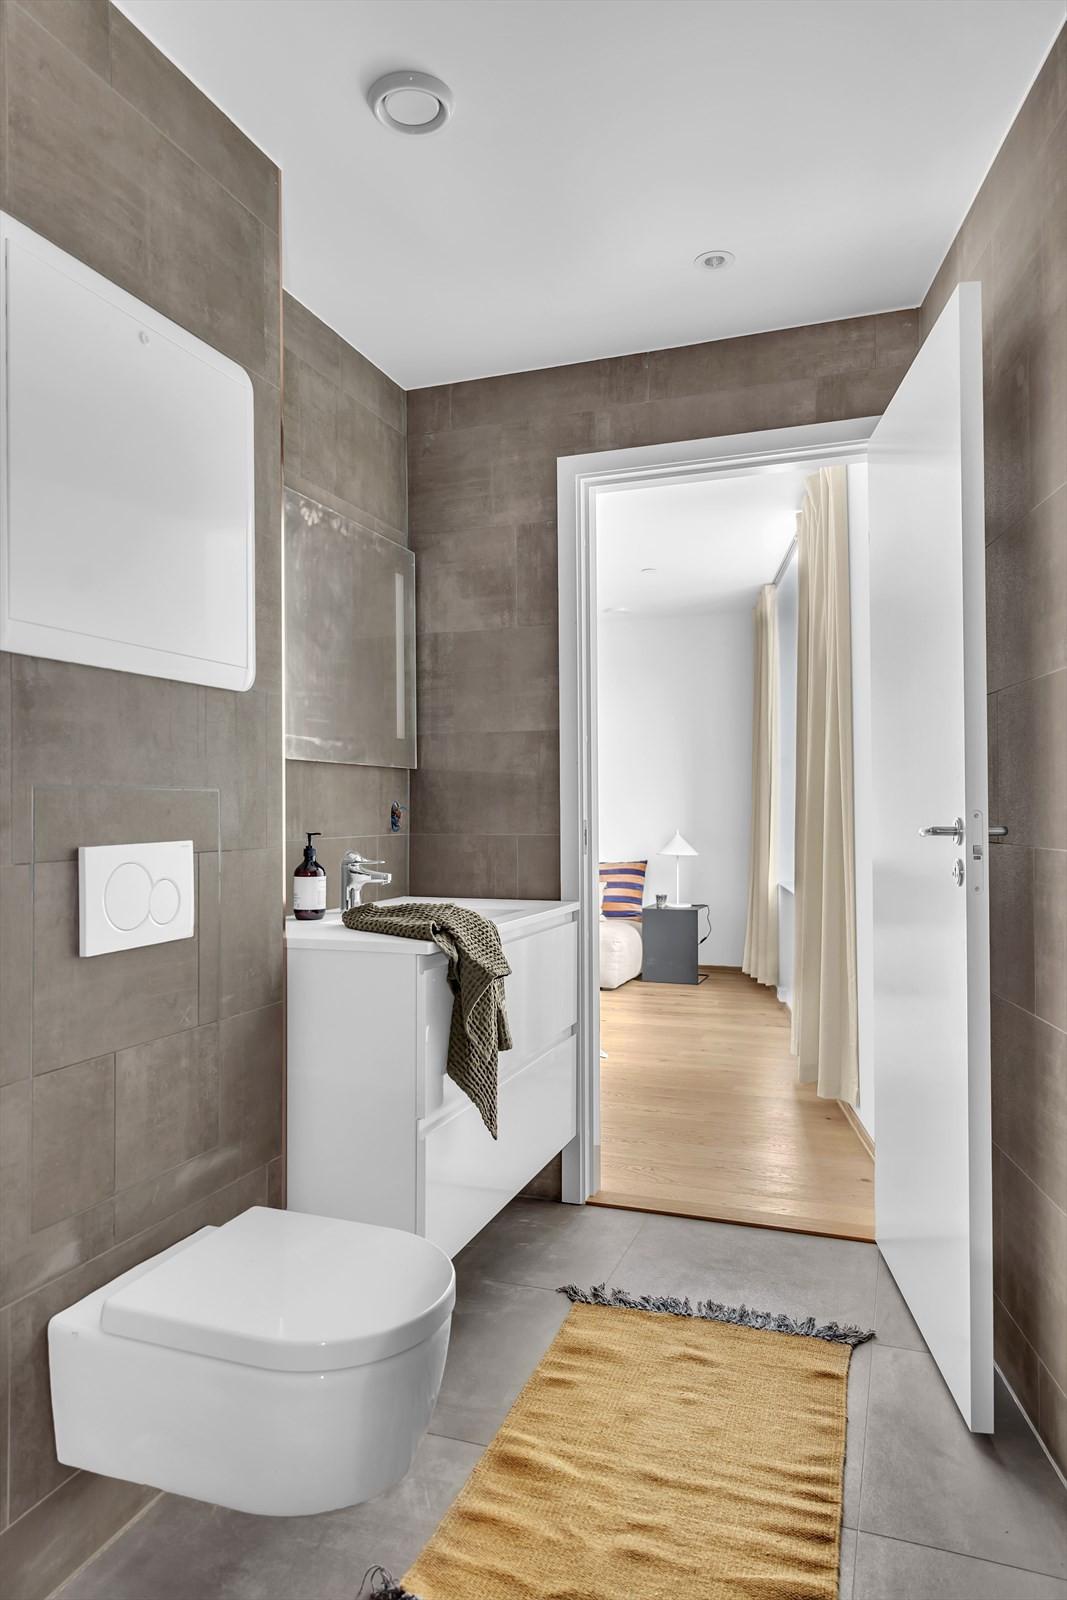 Lekkert baderom  på utleieleilighet med flislagte gulv og vegger lik leilighetene ellers i prosjektet - 204 har også 60*60 på vegg og gulv